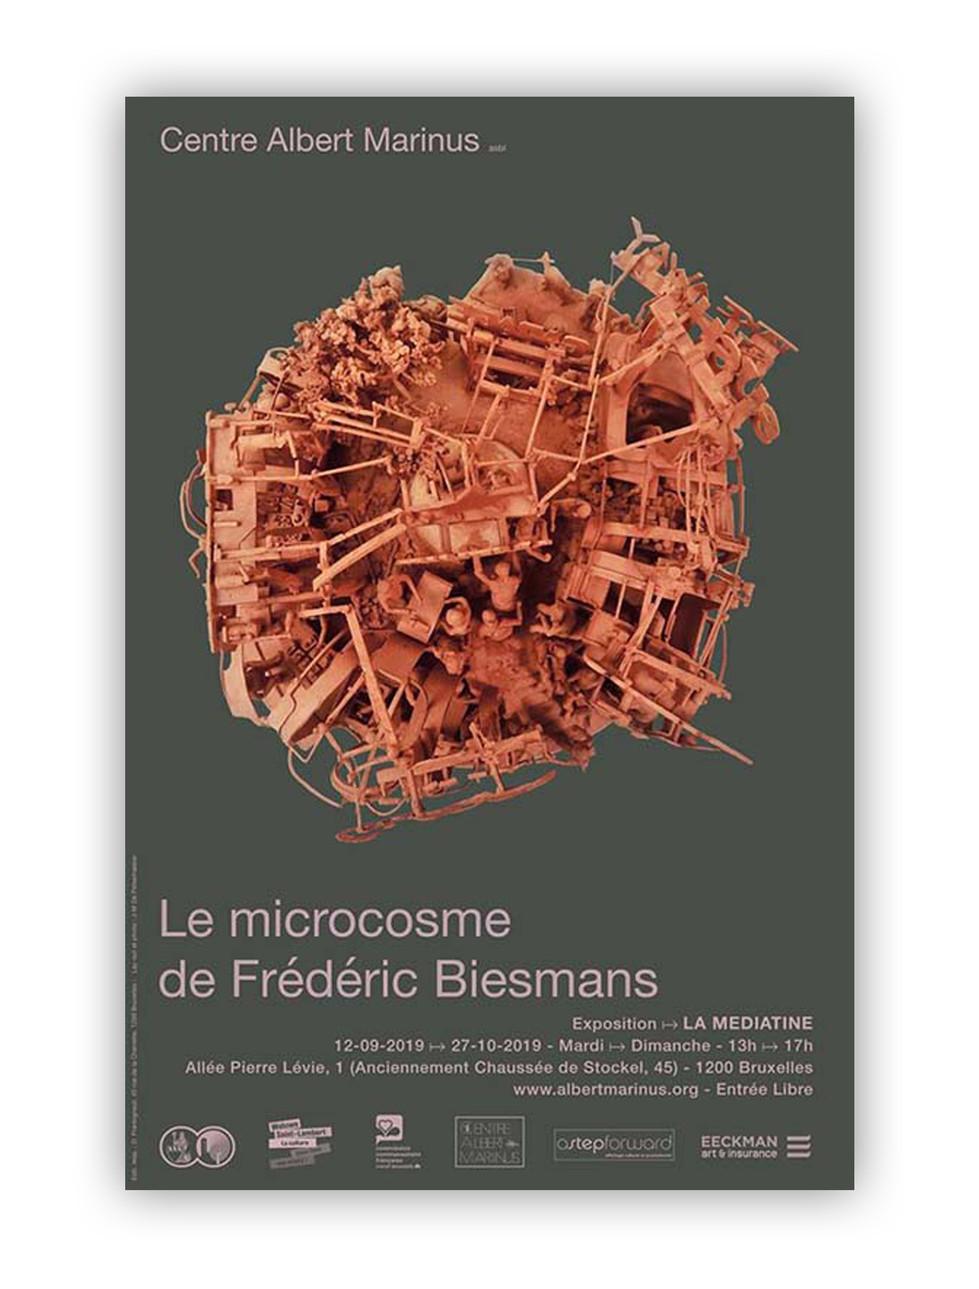 LE MICROCOSME, de Frédéric Biesmans